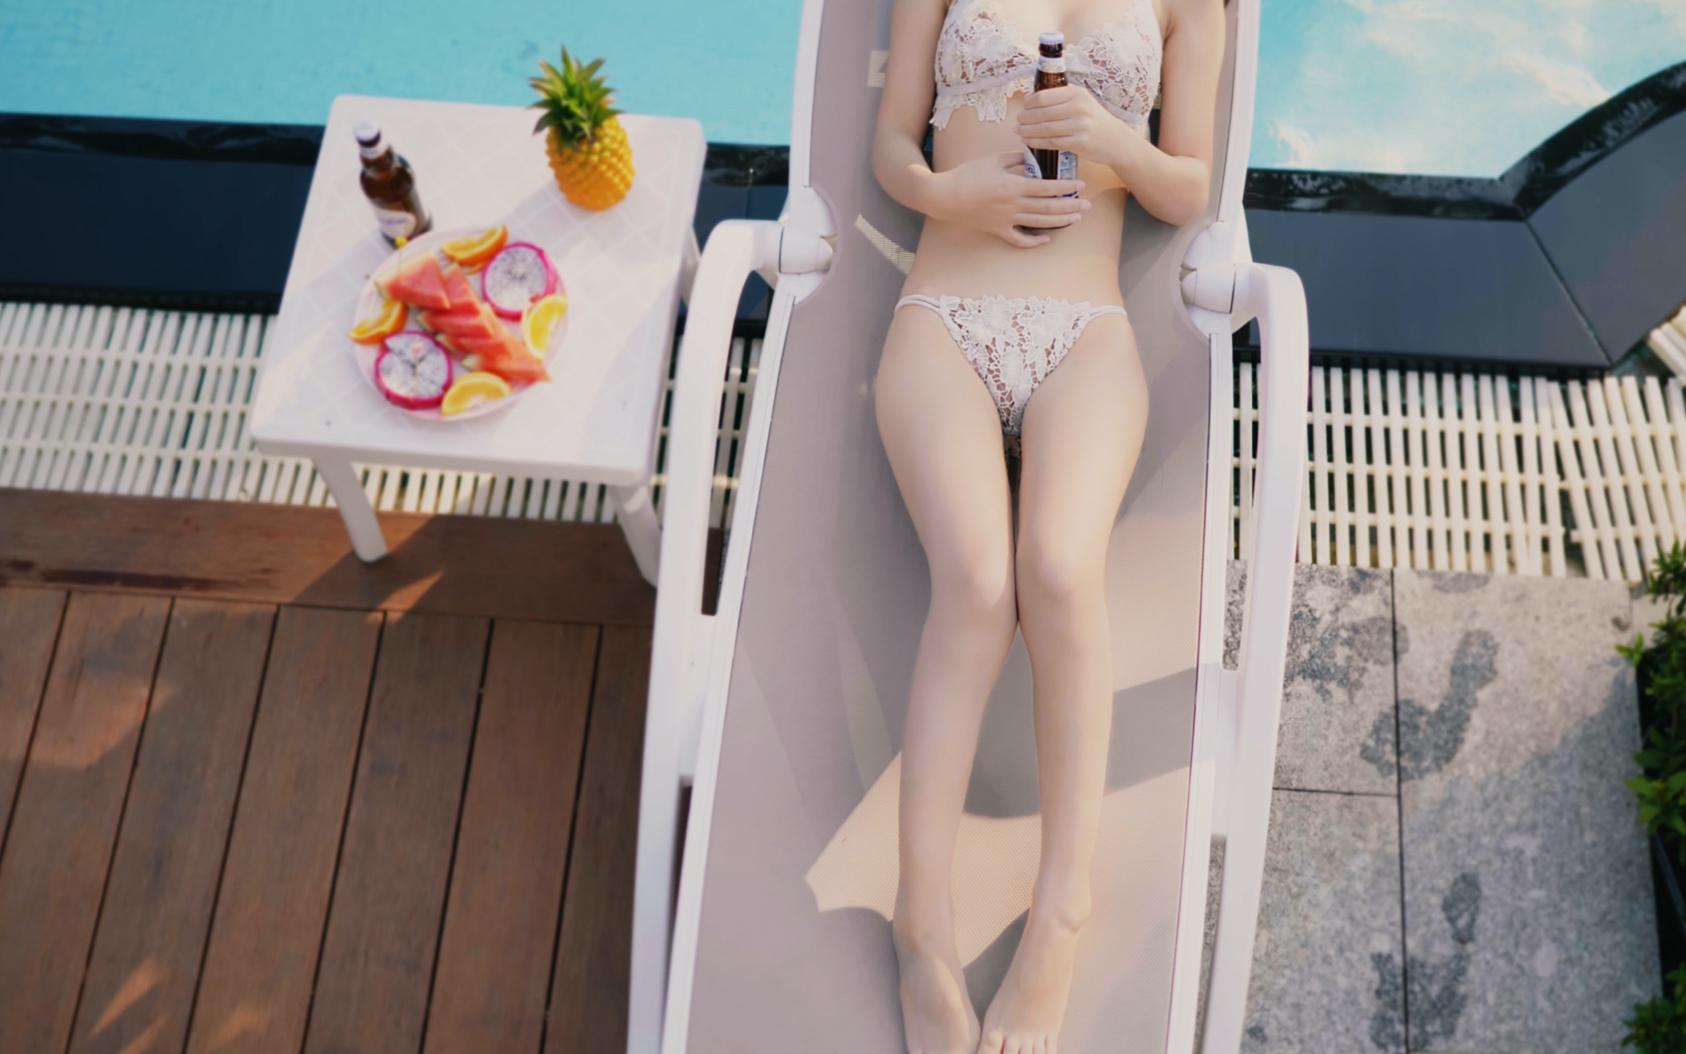 【超清4k】【水下摄影】三亚旅行的泳装拍摄来了